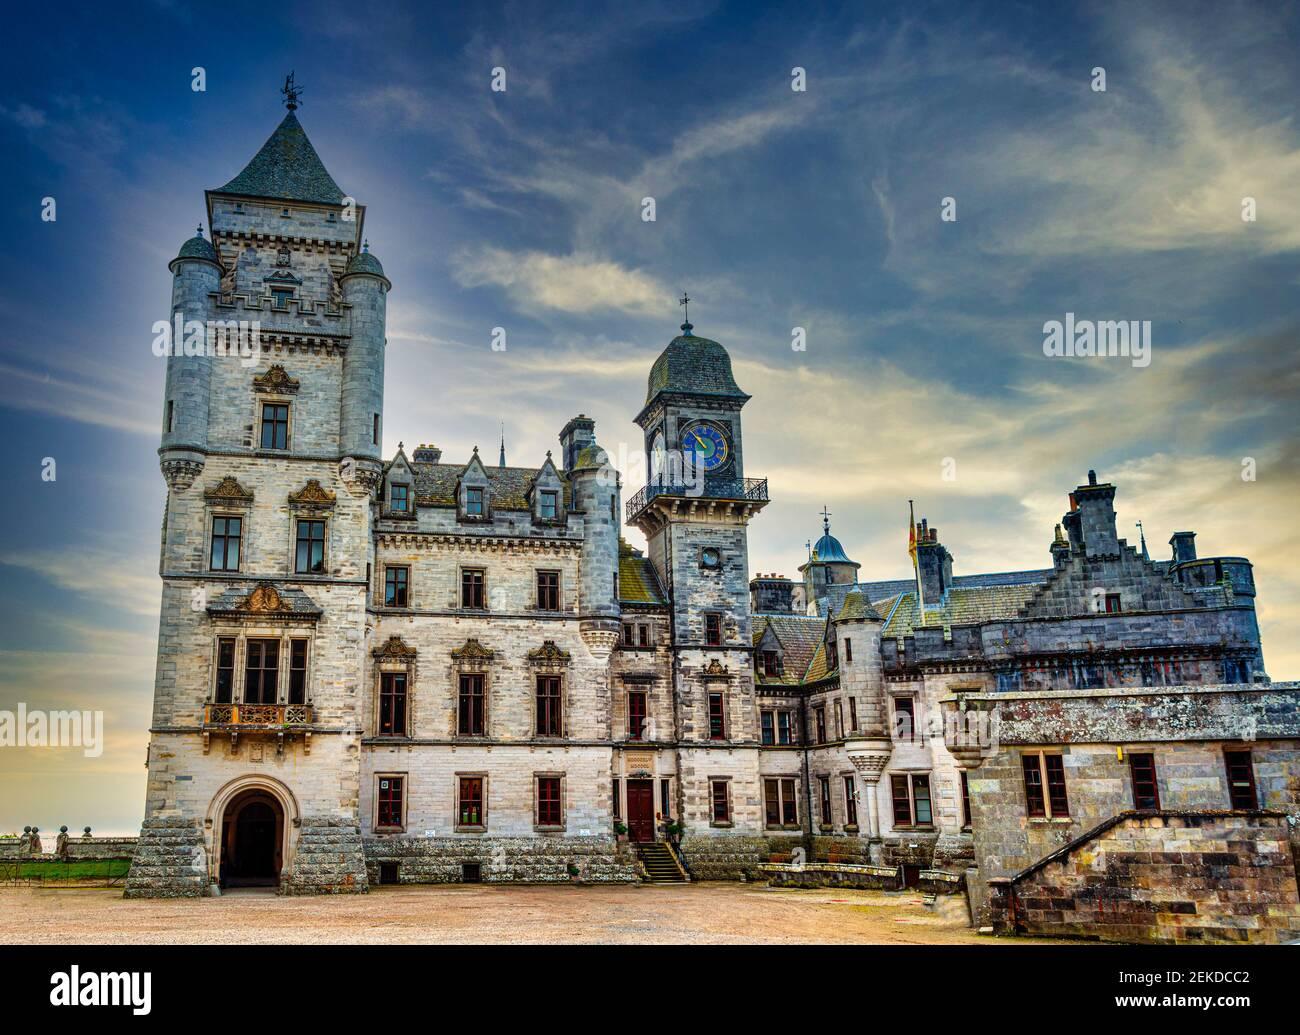 Dunrobin Castillo. Sede de la familia del conde de Sutherland con 189 habitaciones es la gran casa más grande en las tierras altas del norte, Golspie, Escocia Foto de stock